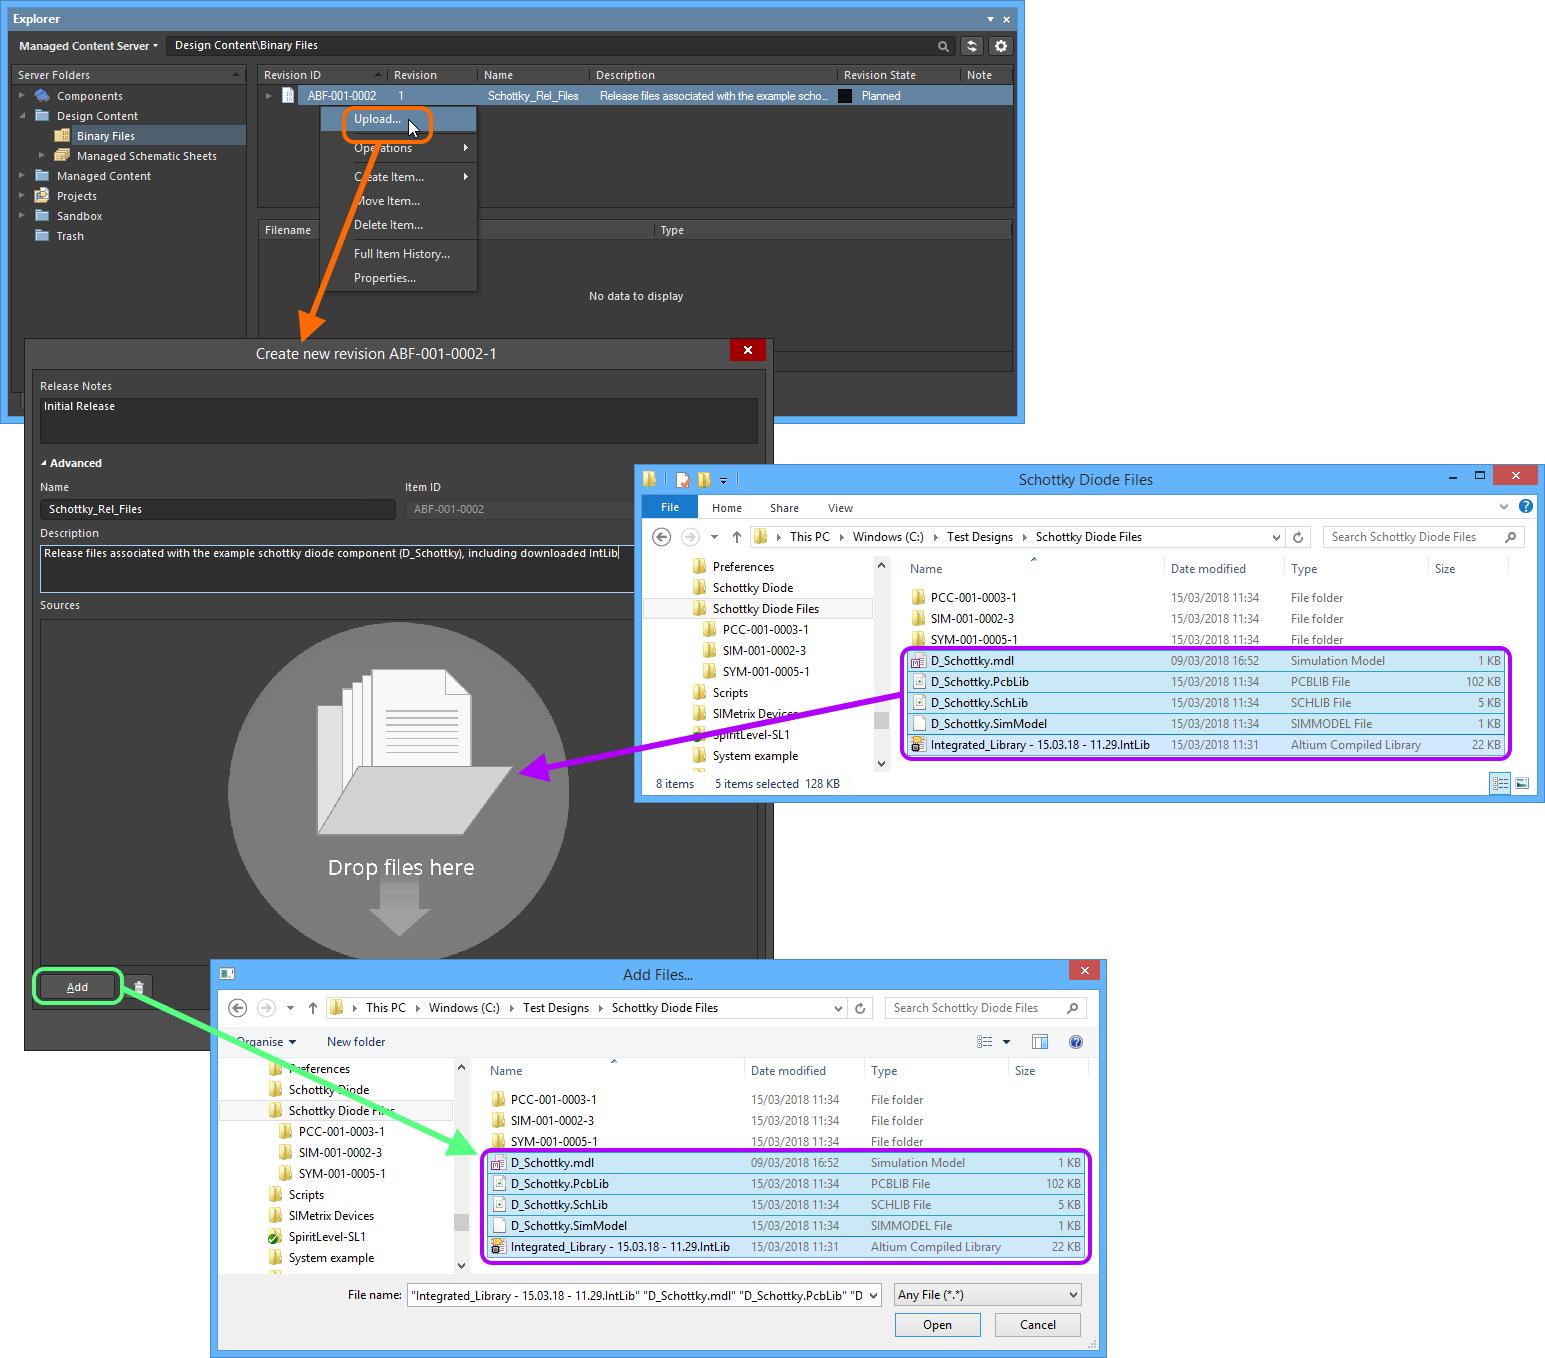 Free-File Storage | Altium Designer 18 0 User Manual